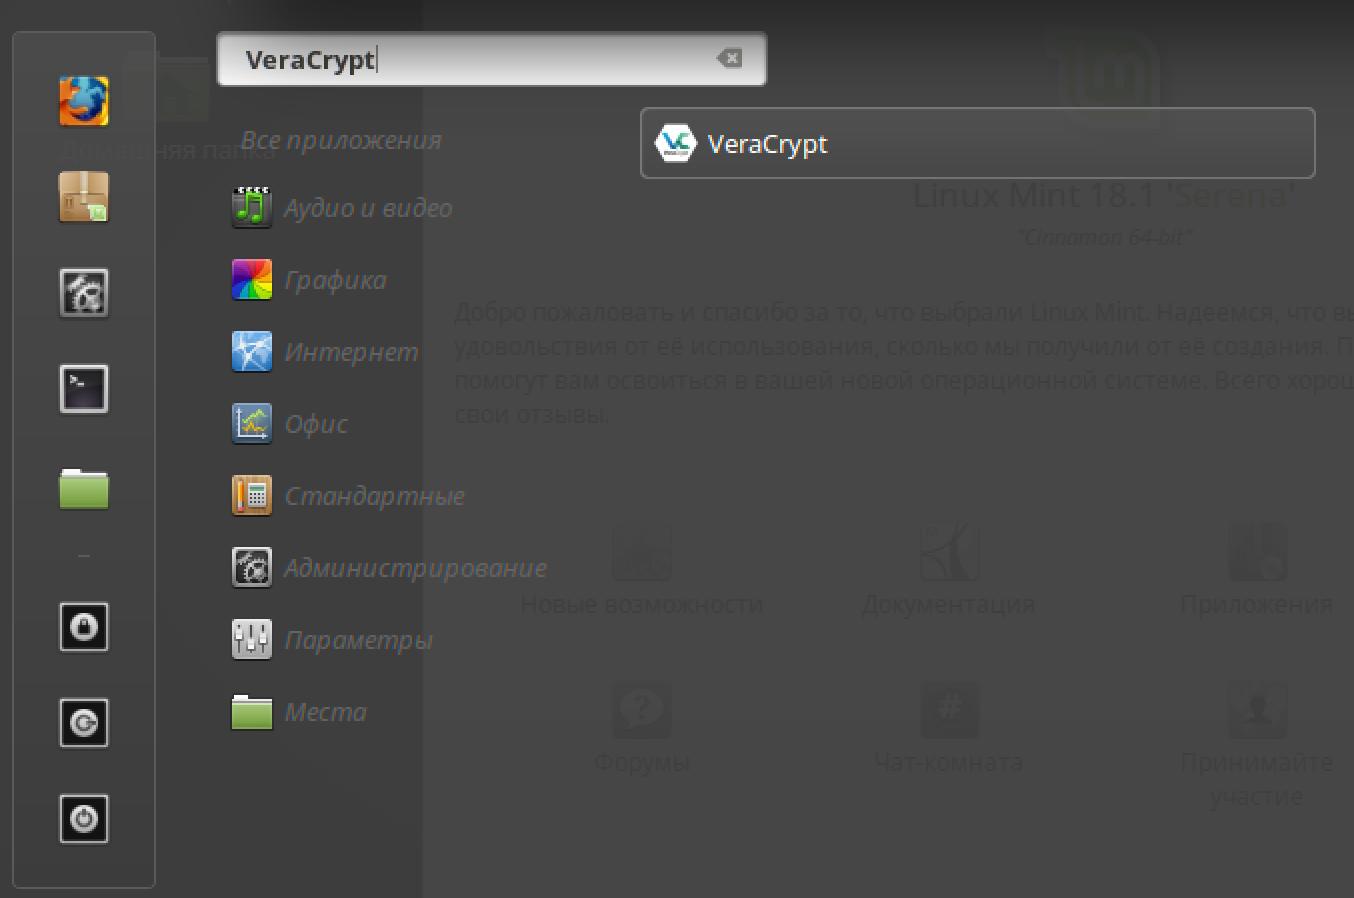 Установка и настройка базовой безопасности VeraCrypt